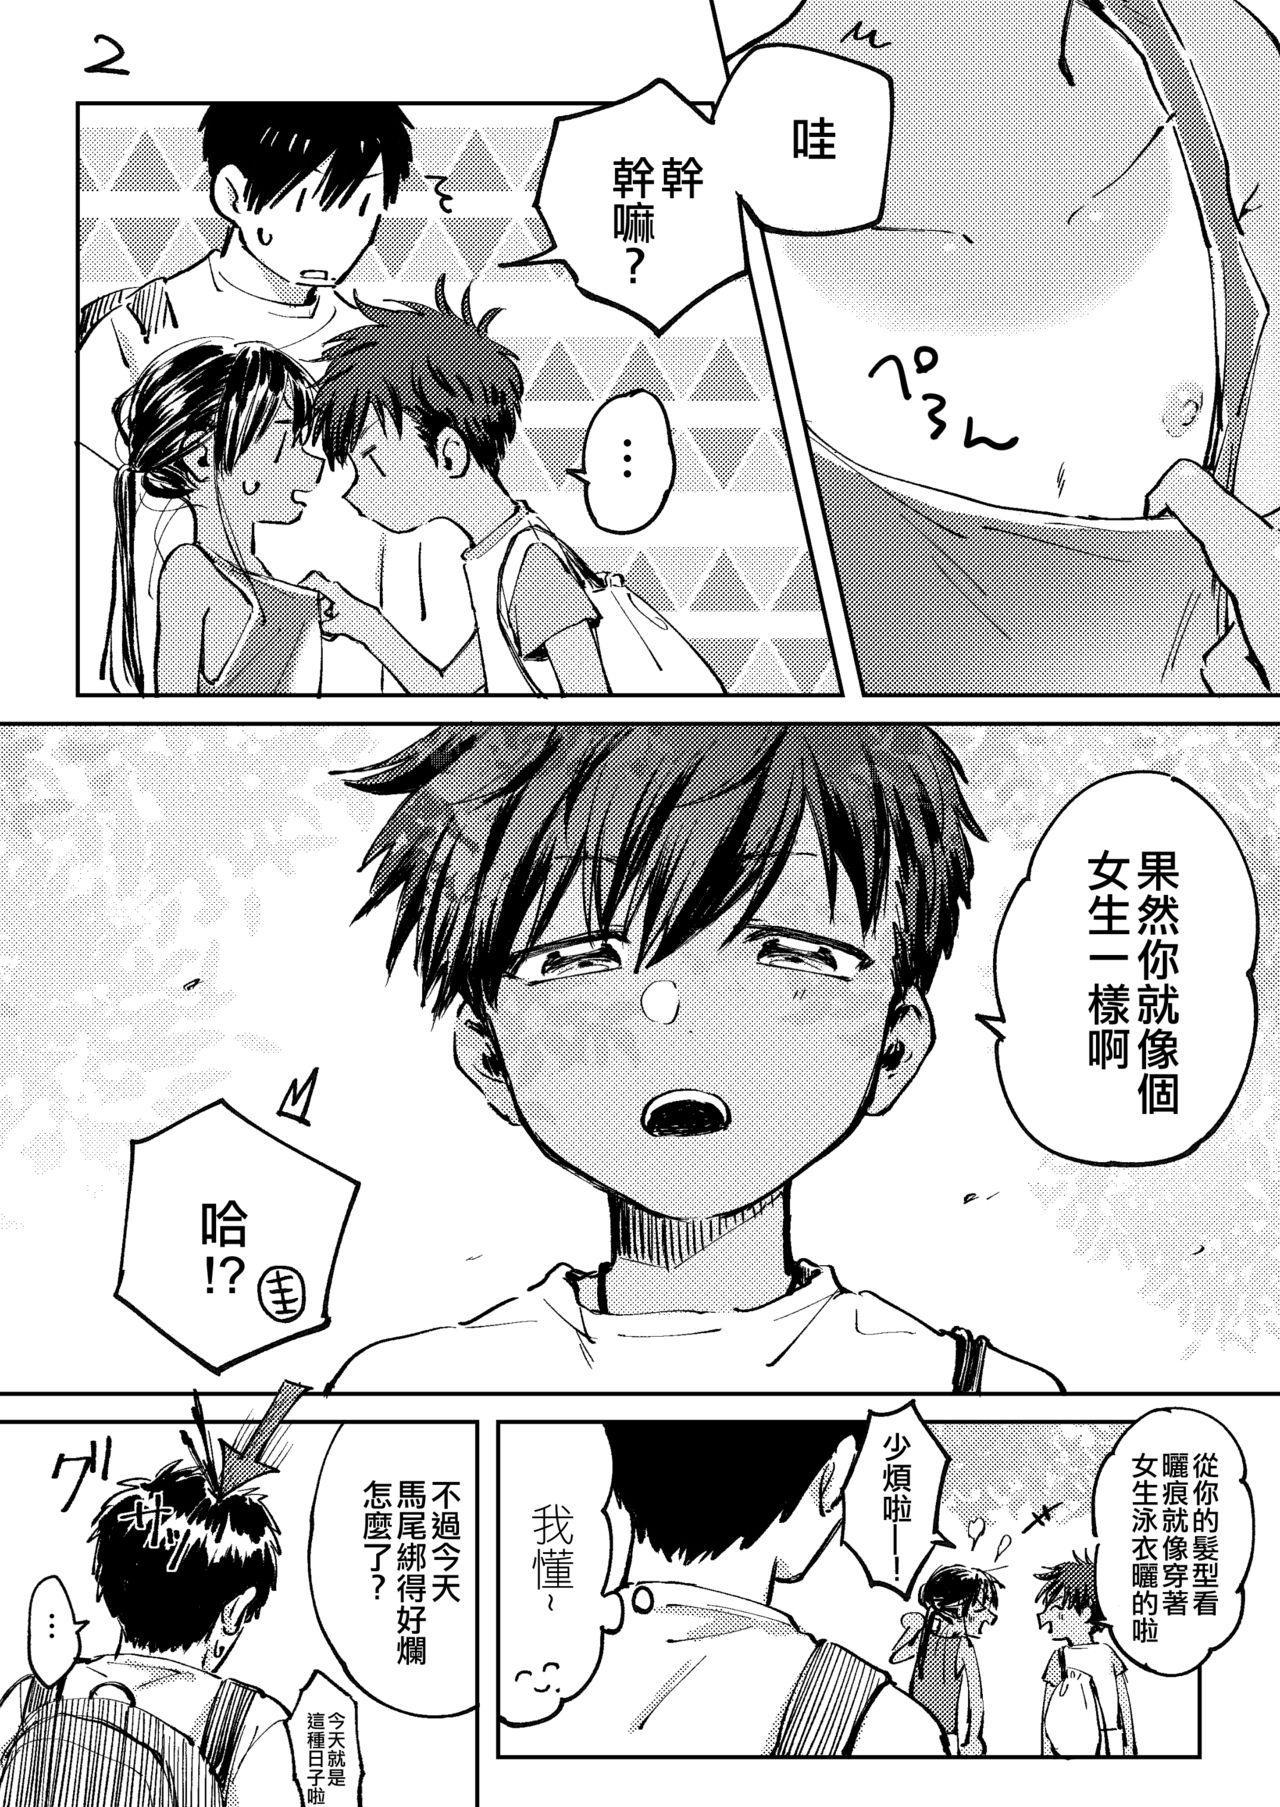 Inaka ni Kaeru to Yakeni Jiben ni Natsuita Kasshoku Ponytail Shota ga Iru 19